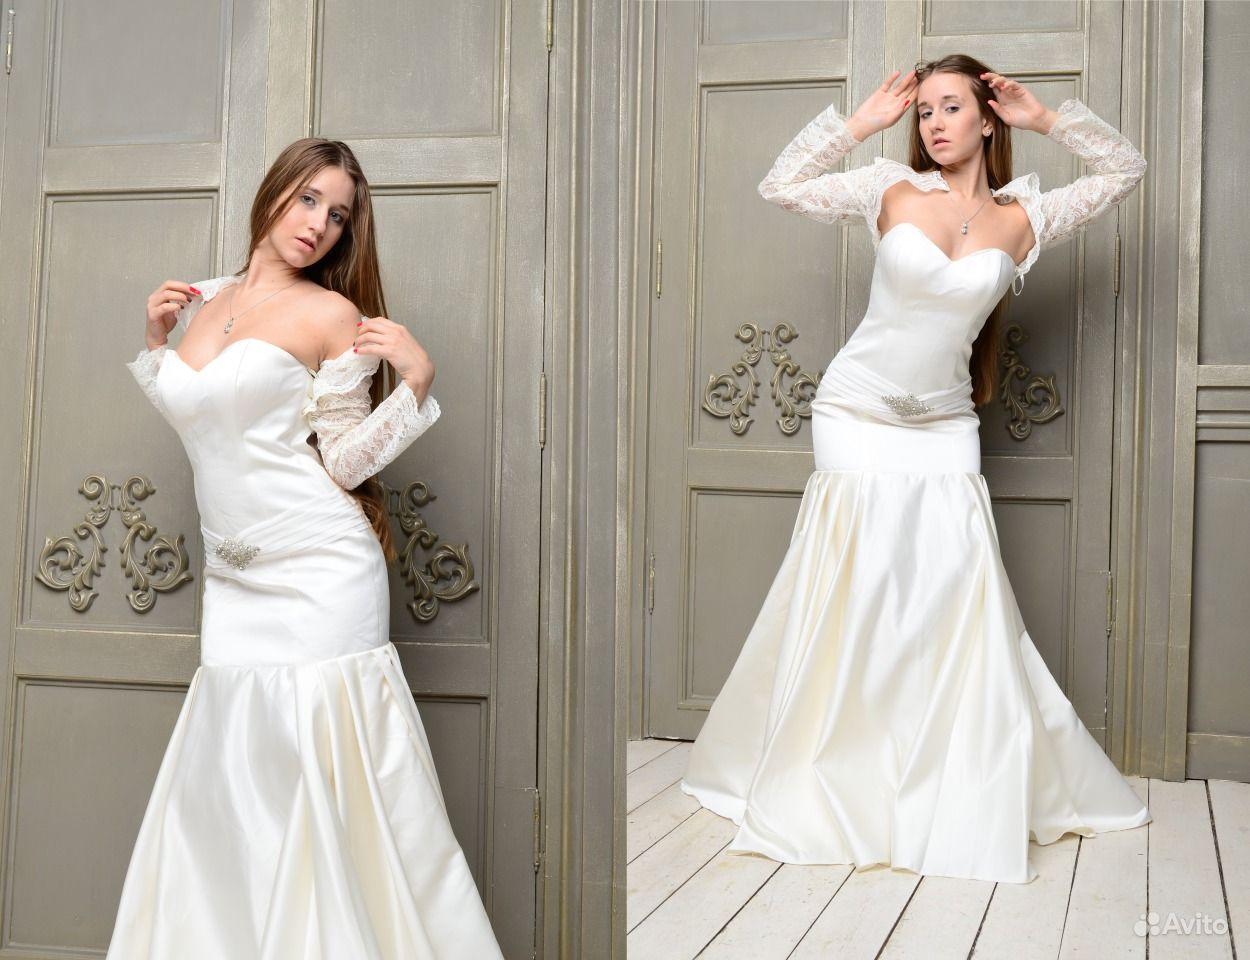 Фото и цена напрокат свадебных платьев в